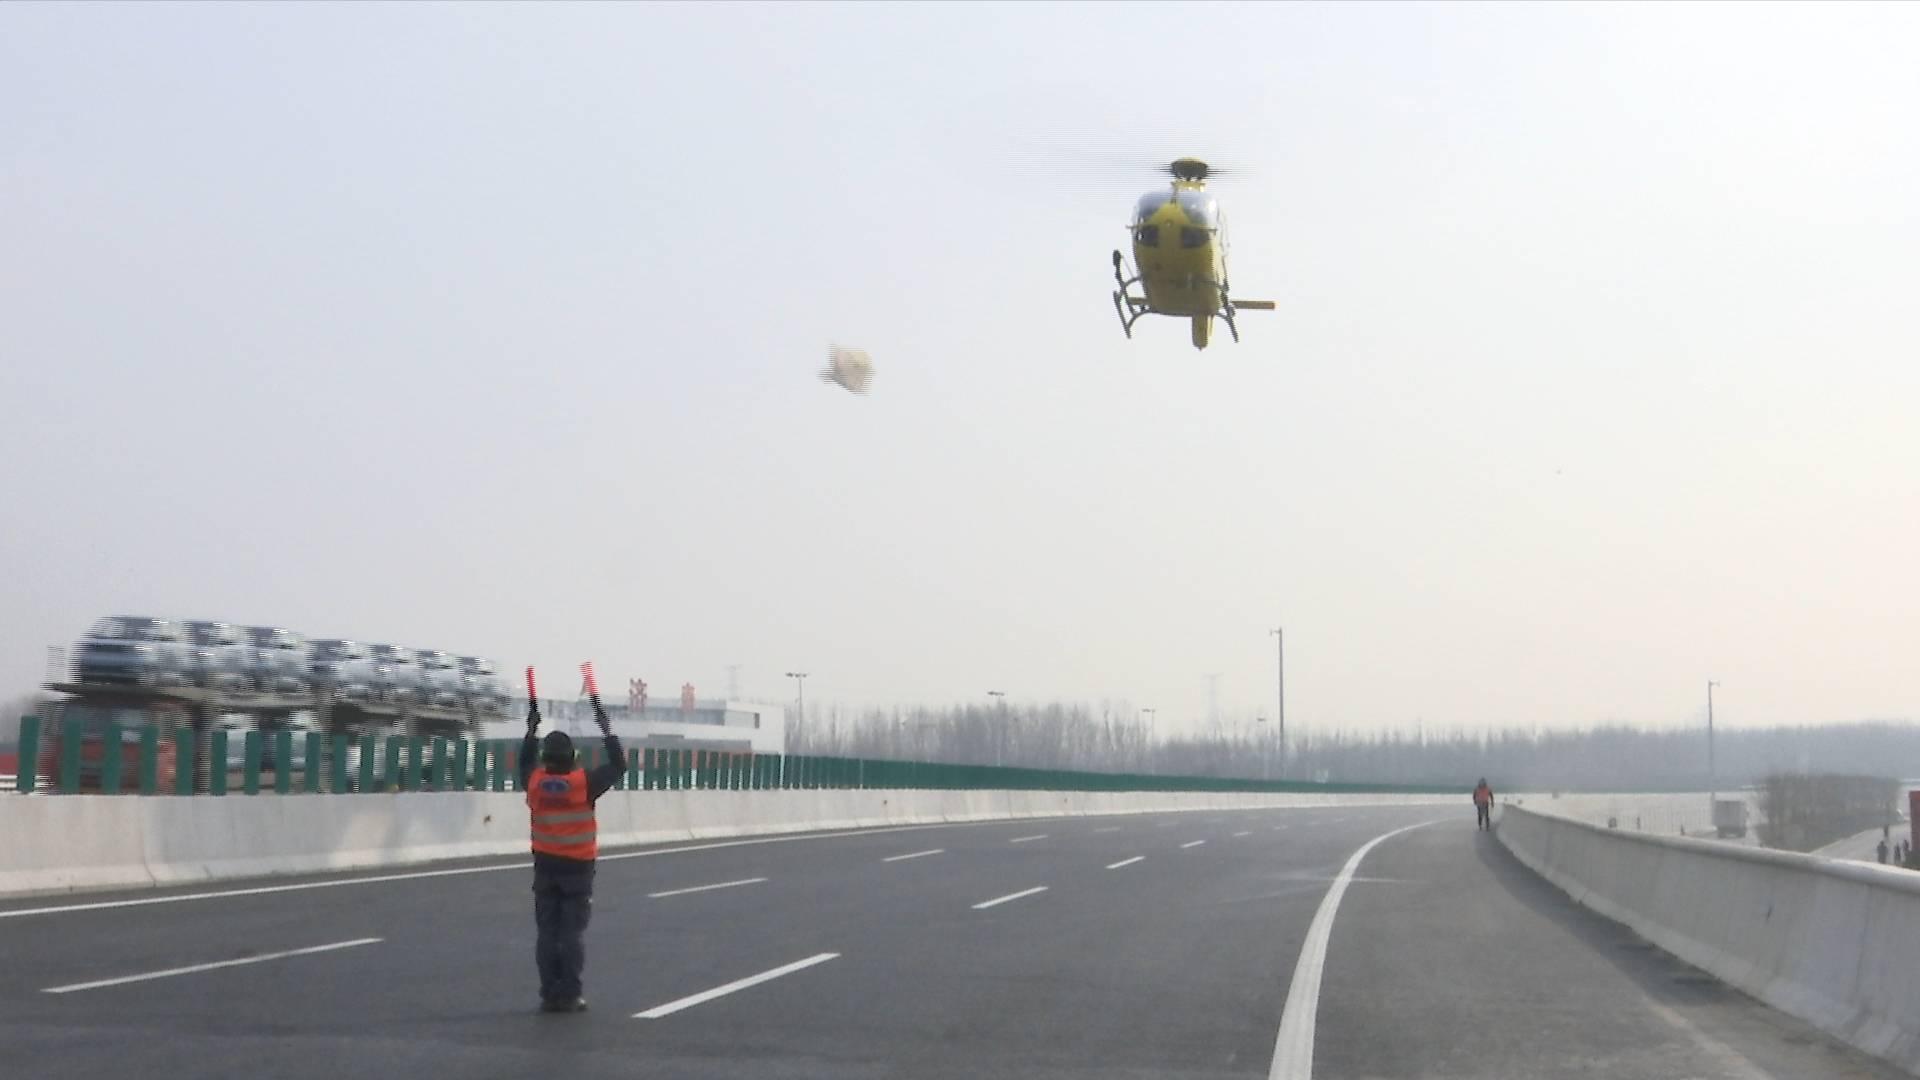 《应急在线》20210117:十余公里3分钟运抵  山东着力建立应急航空救援体系